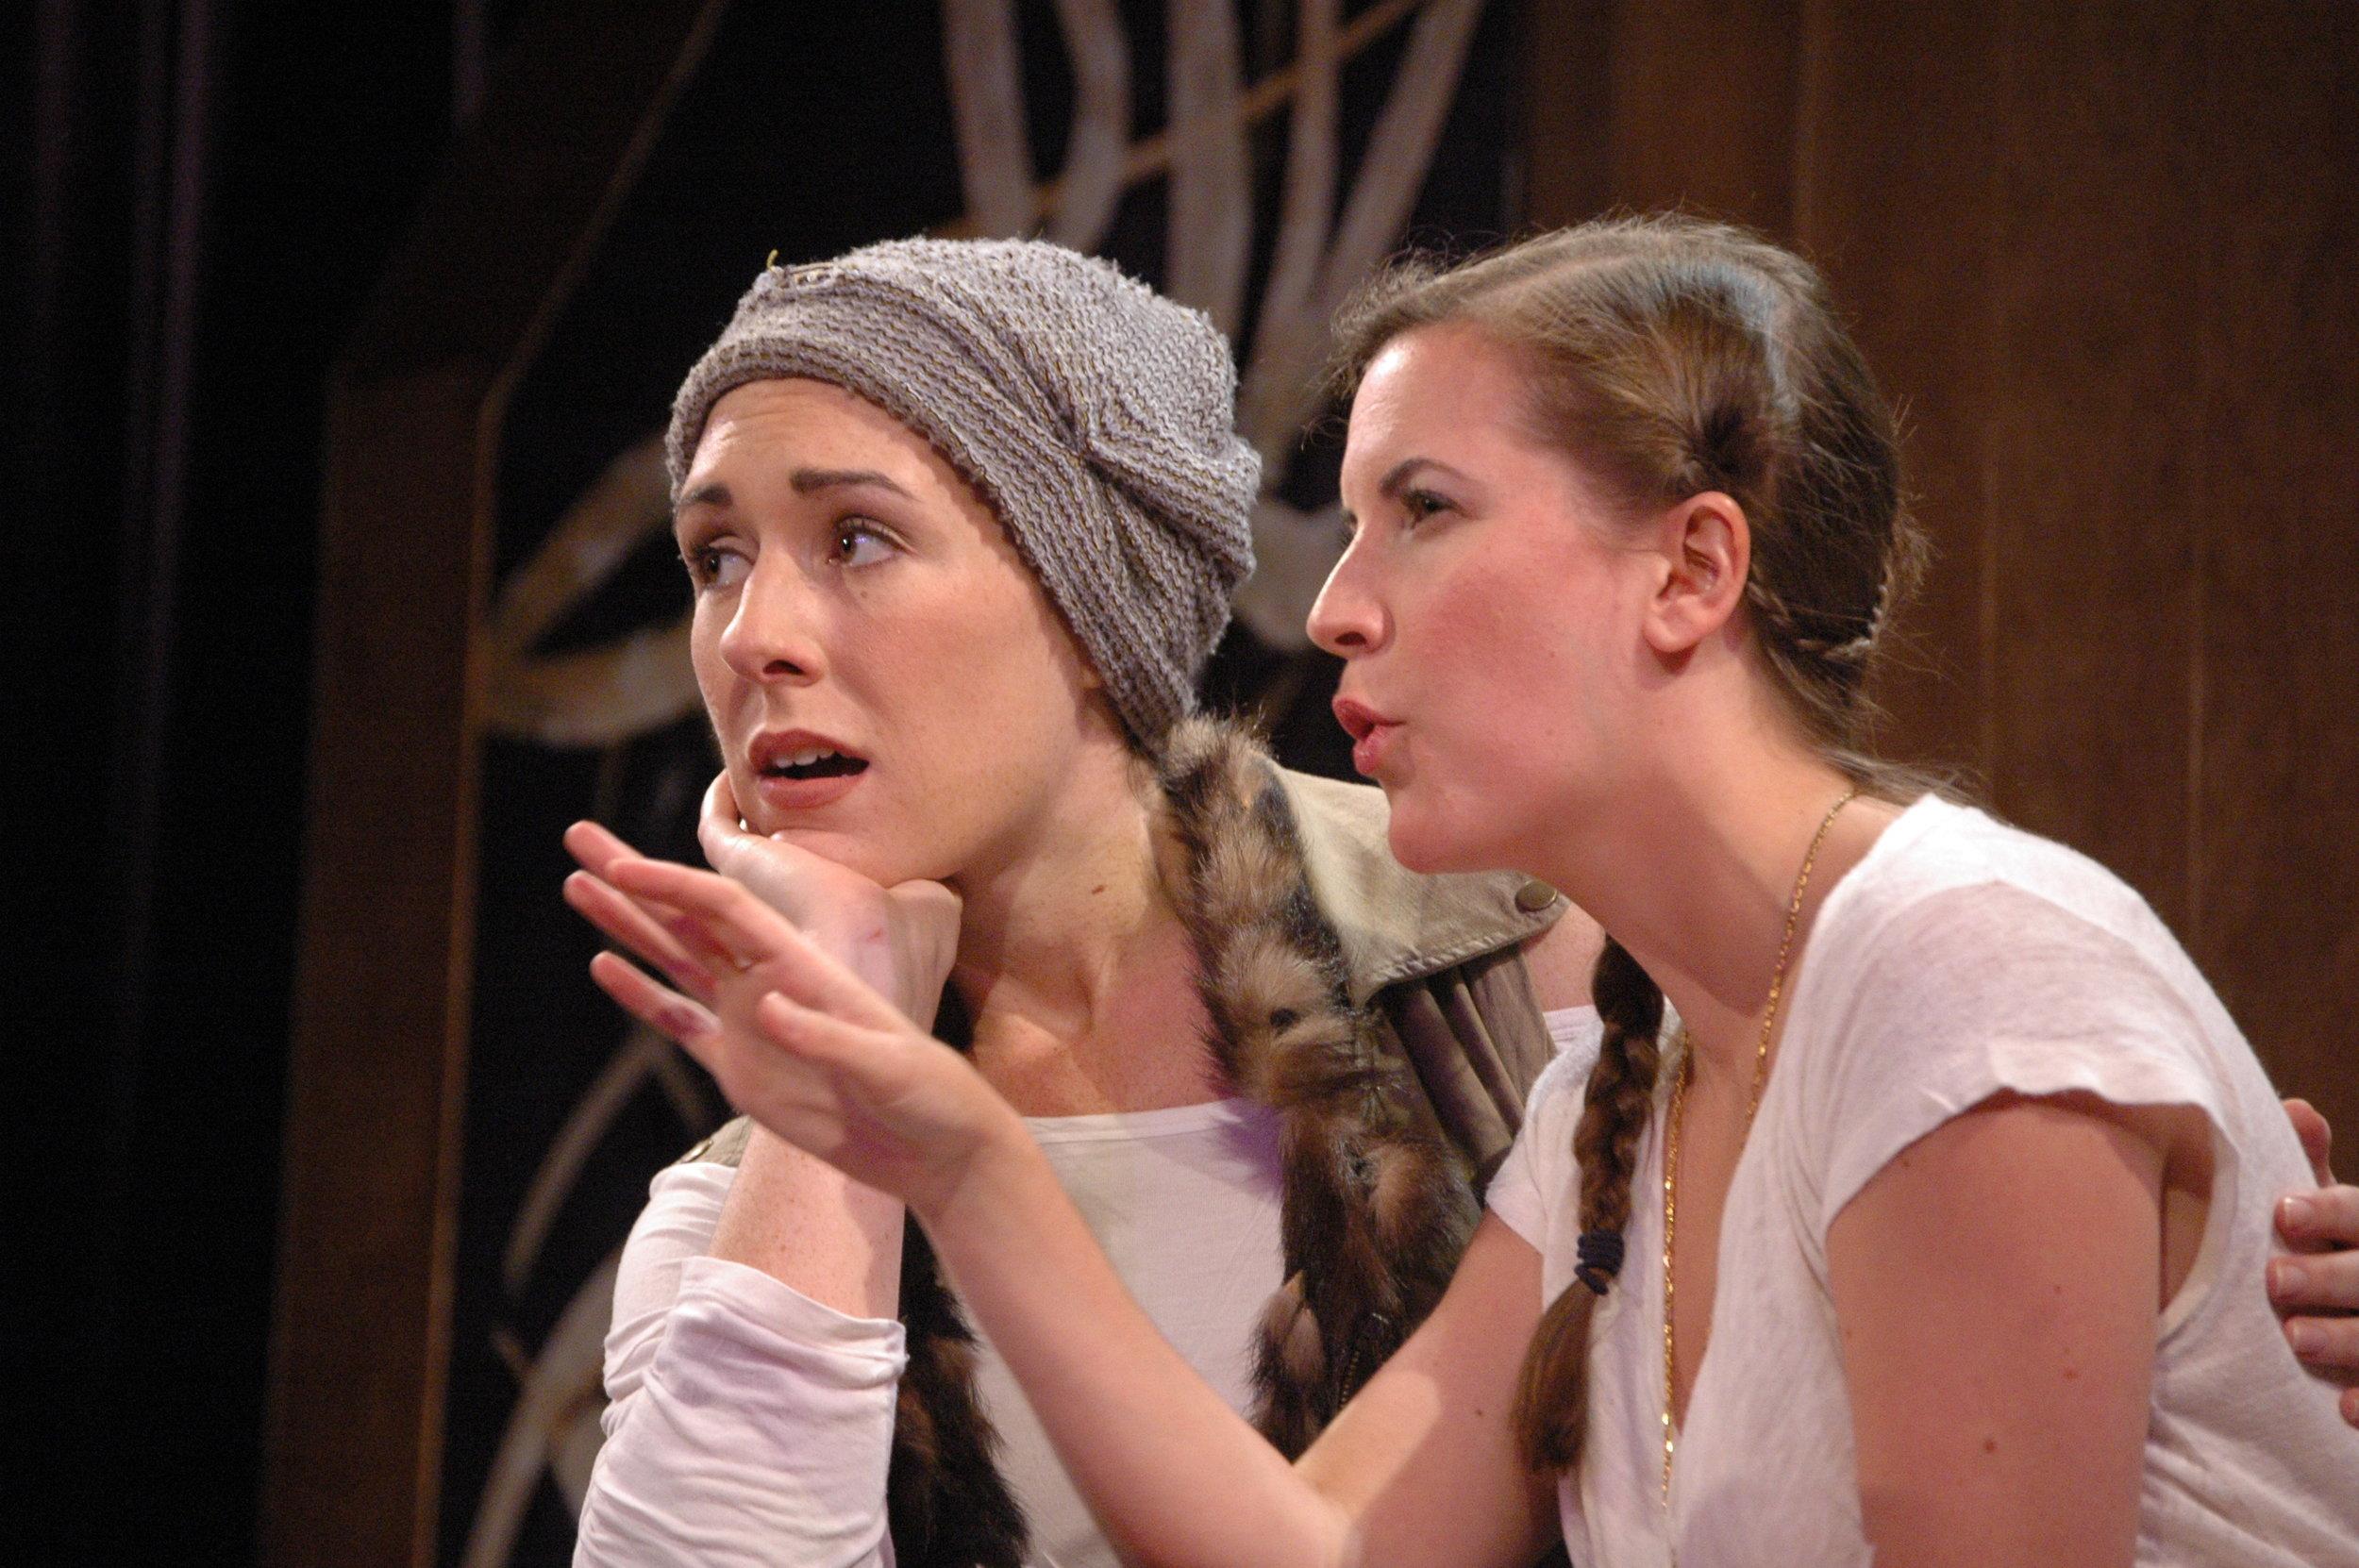 Photos courtesy of Opera House Arts